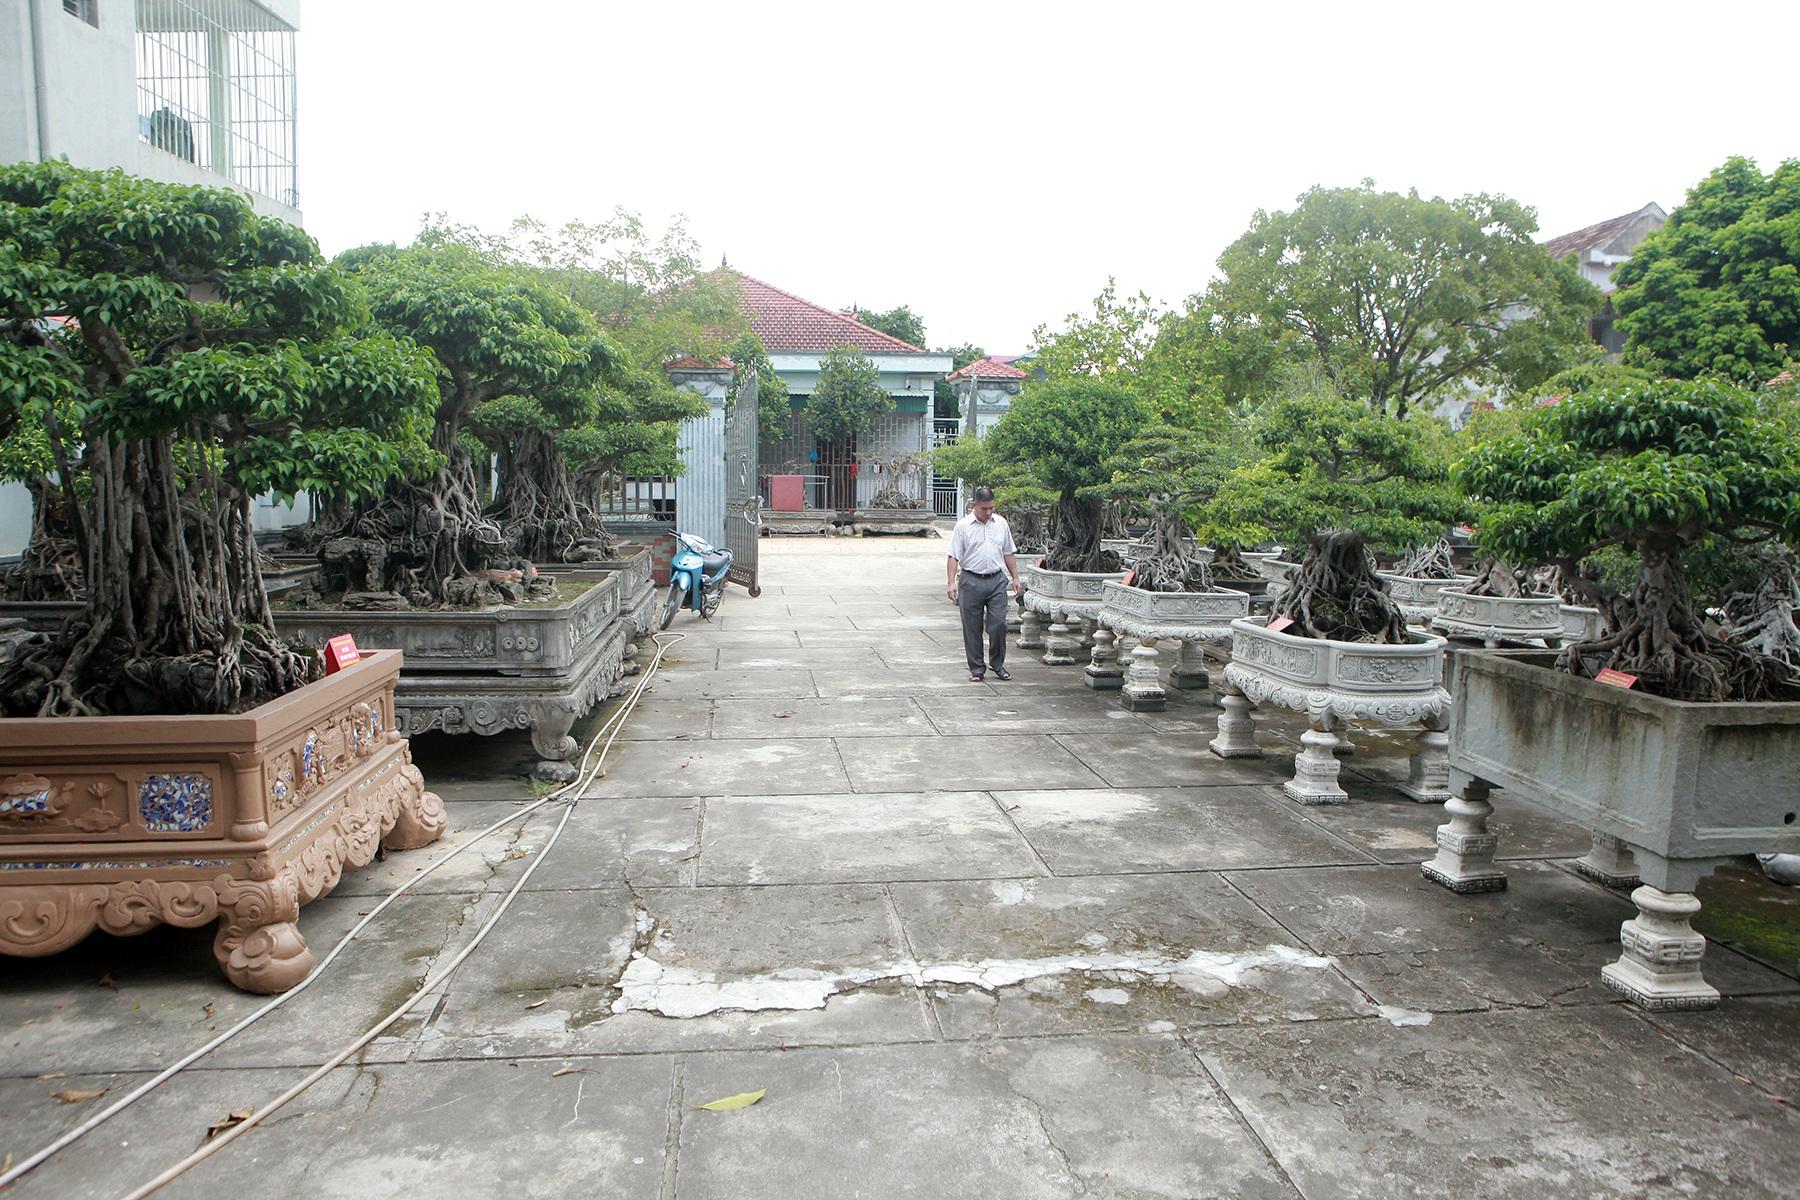 Vườn sanh cổ xứ Huế có giá triệu USD của đại gia Vĩnh Phúc - 1